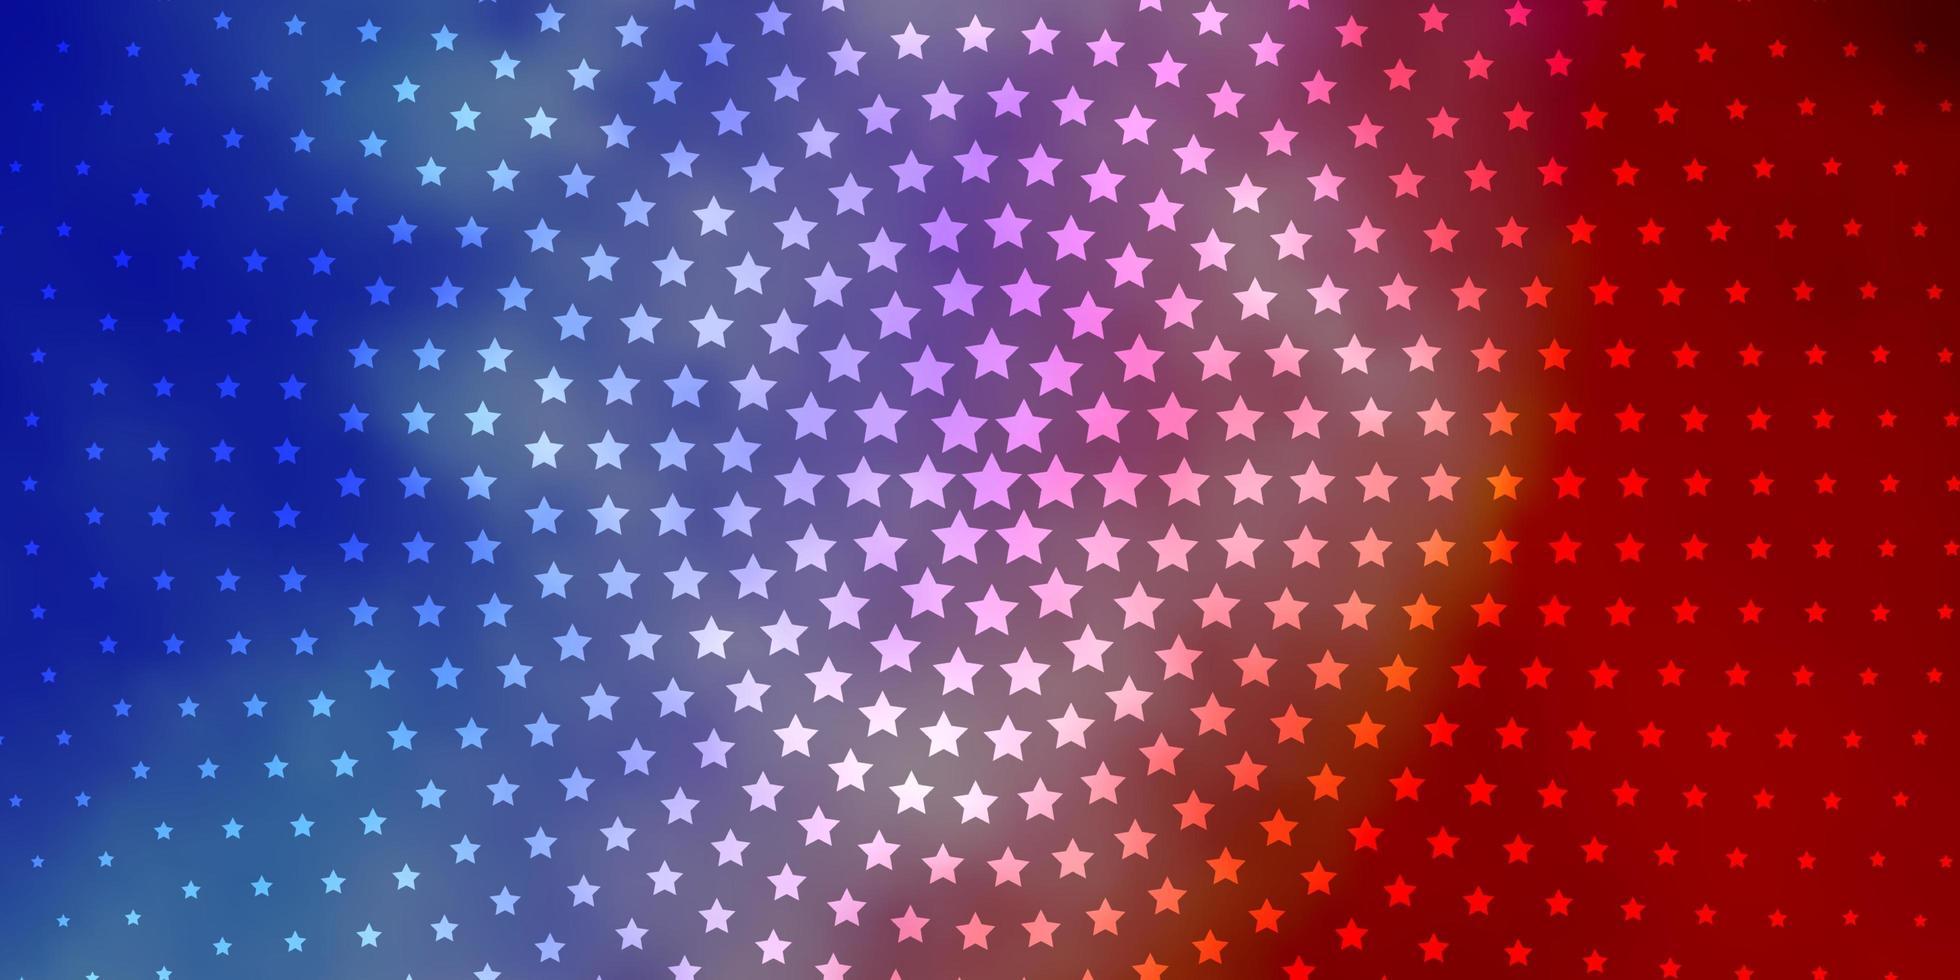 lichtblauwe, rode lay-out met heldere sterren. vector